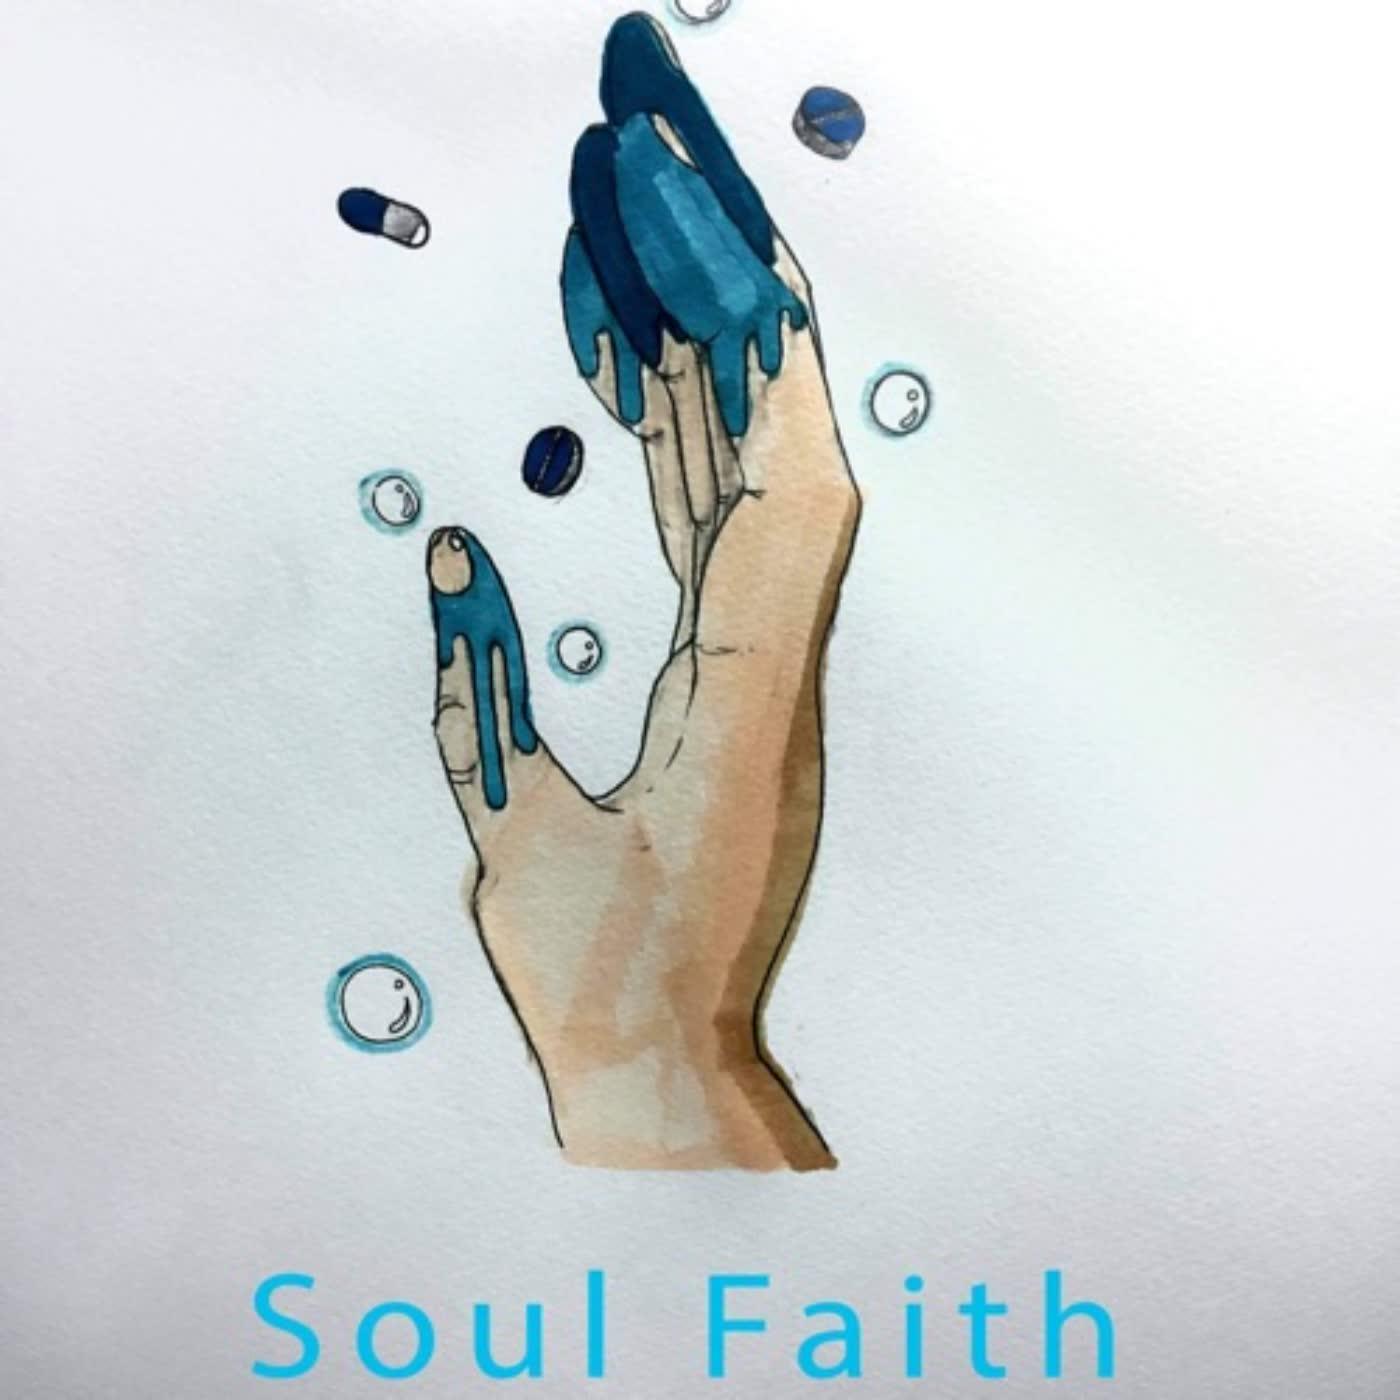 Soul Faith official